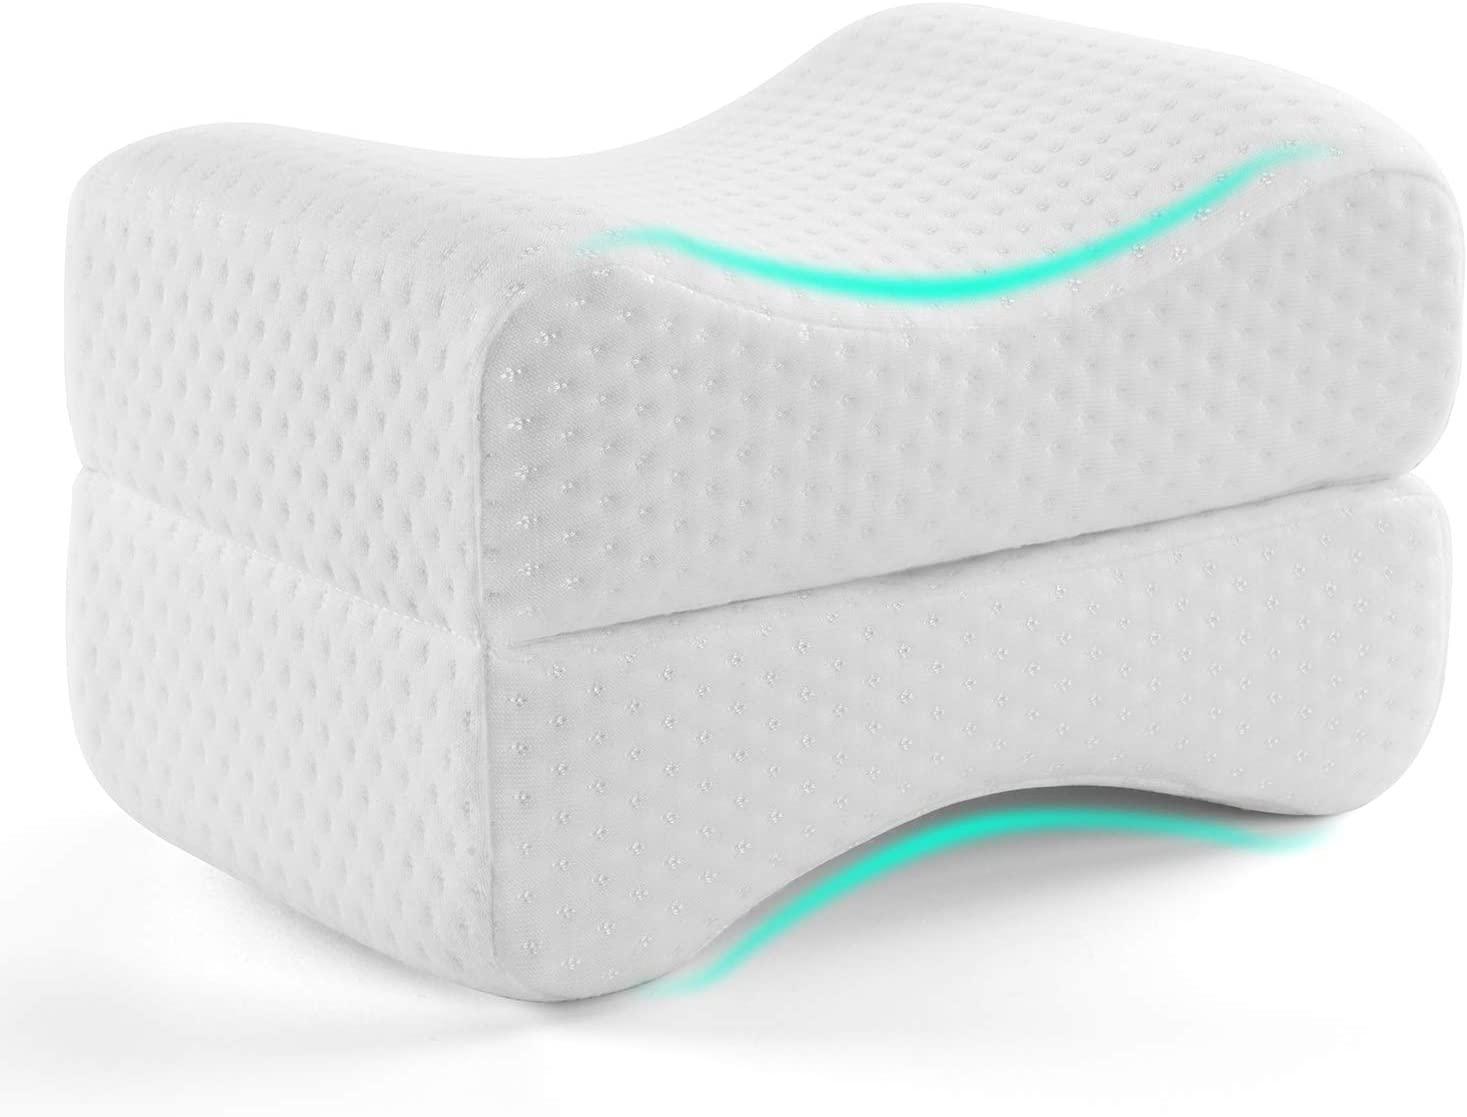 Almohada Viscoelástica para piernas